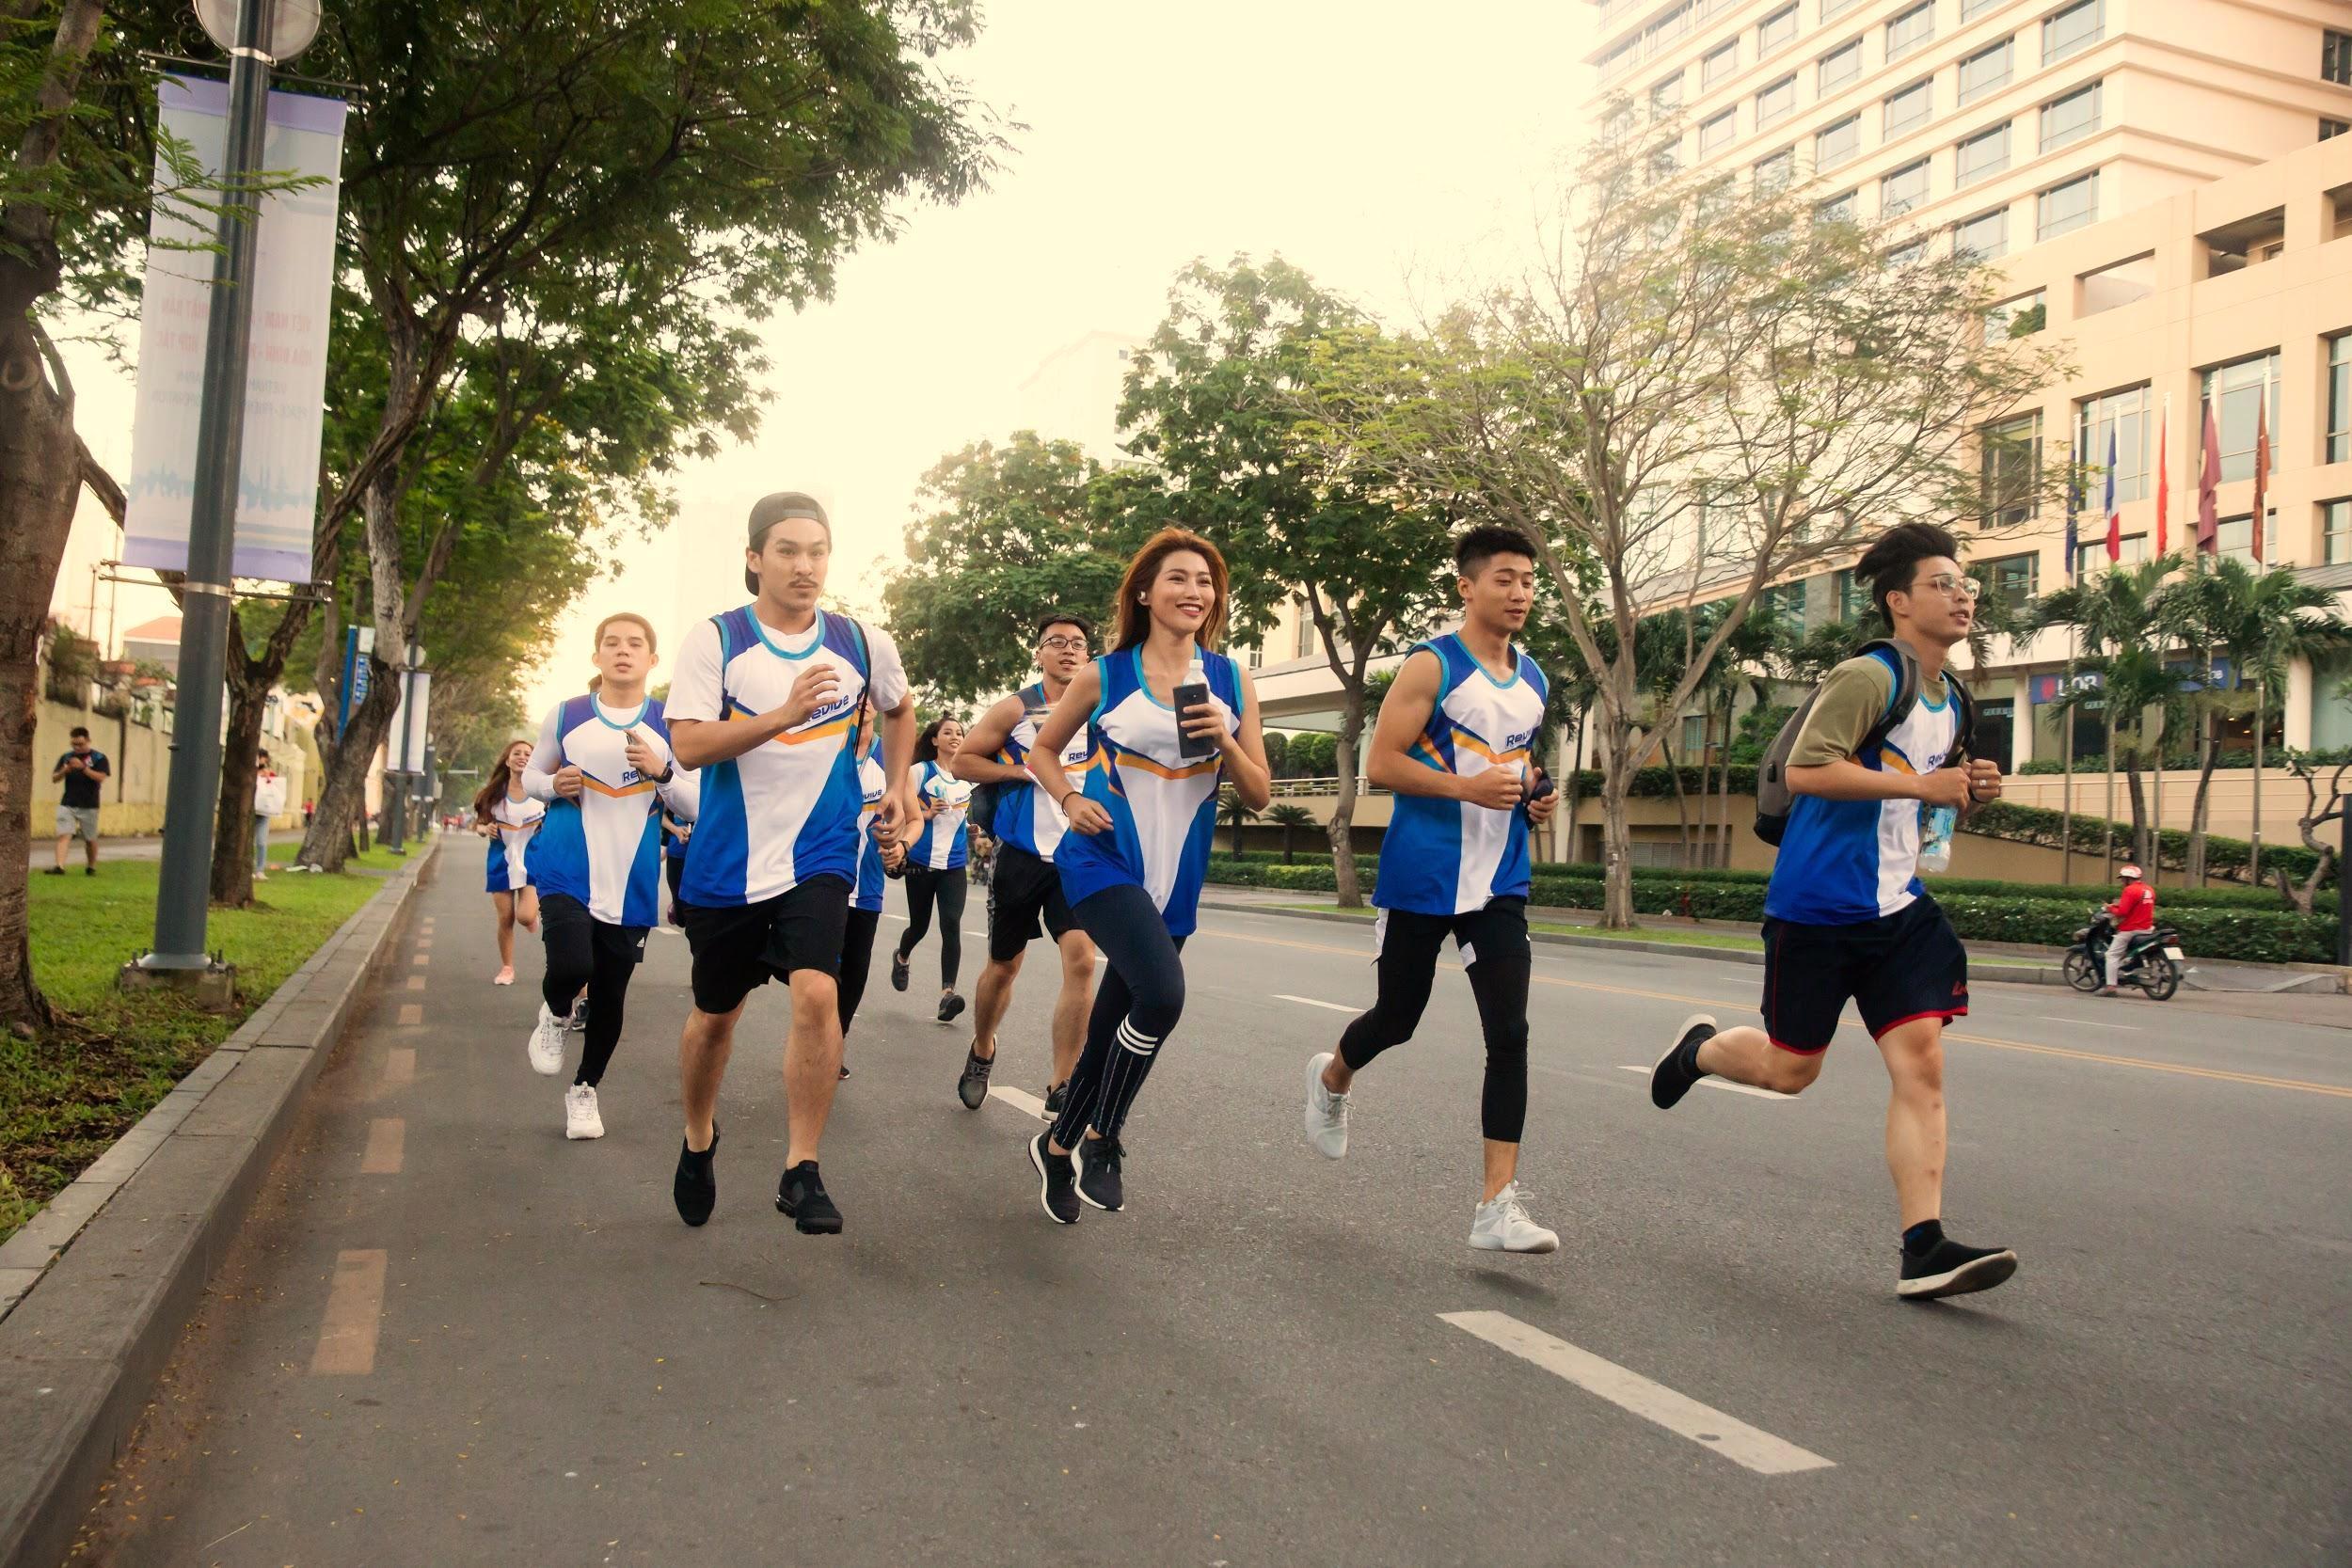 50 sắc thái độc lạ của các runners trên đường chạy marathon - Ảnh 5.